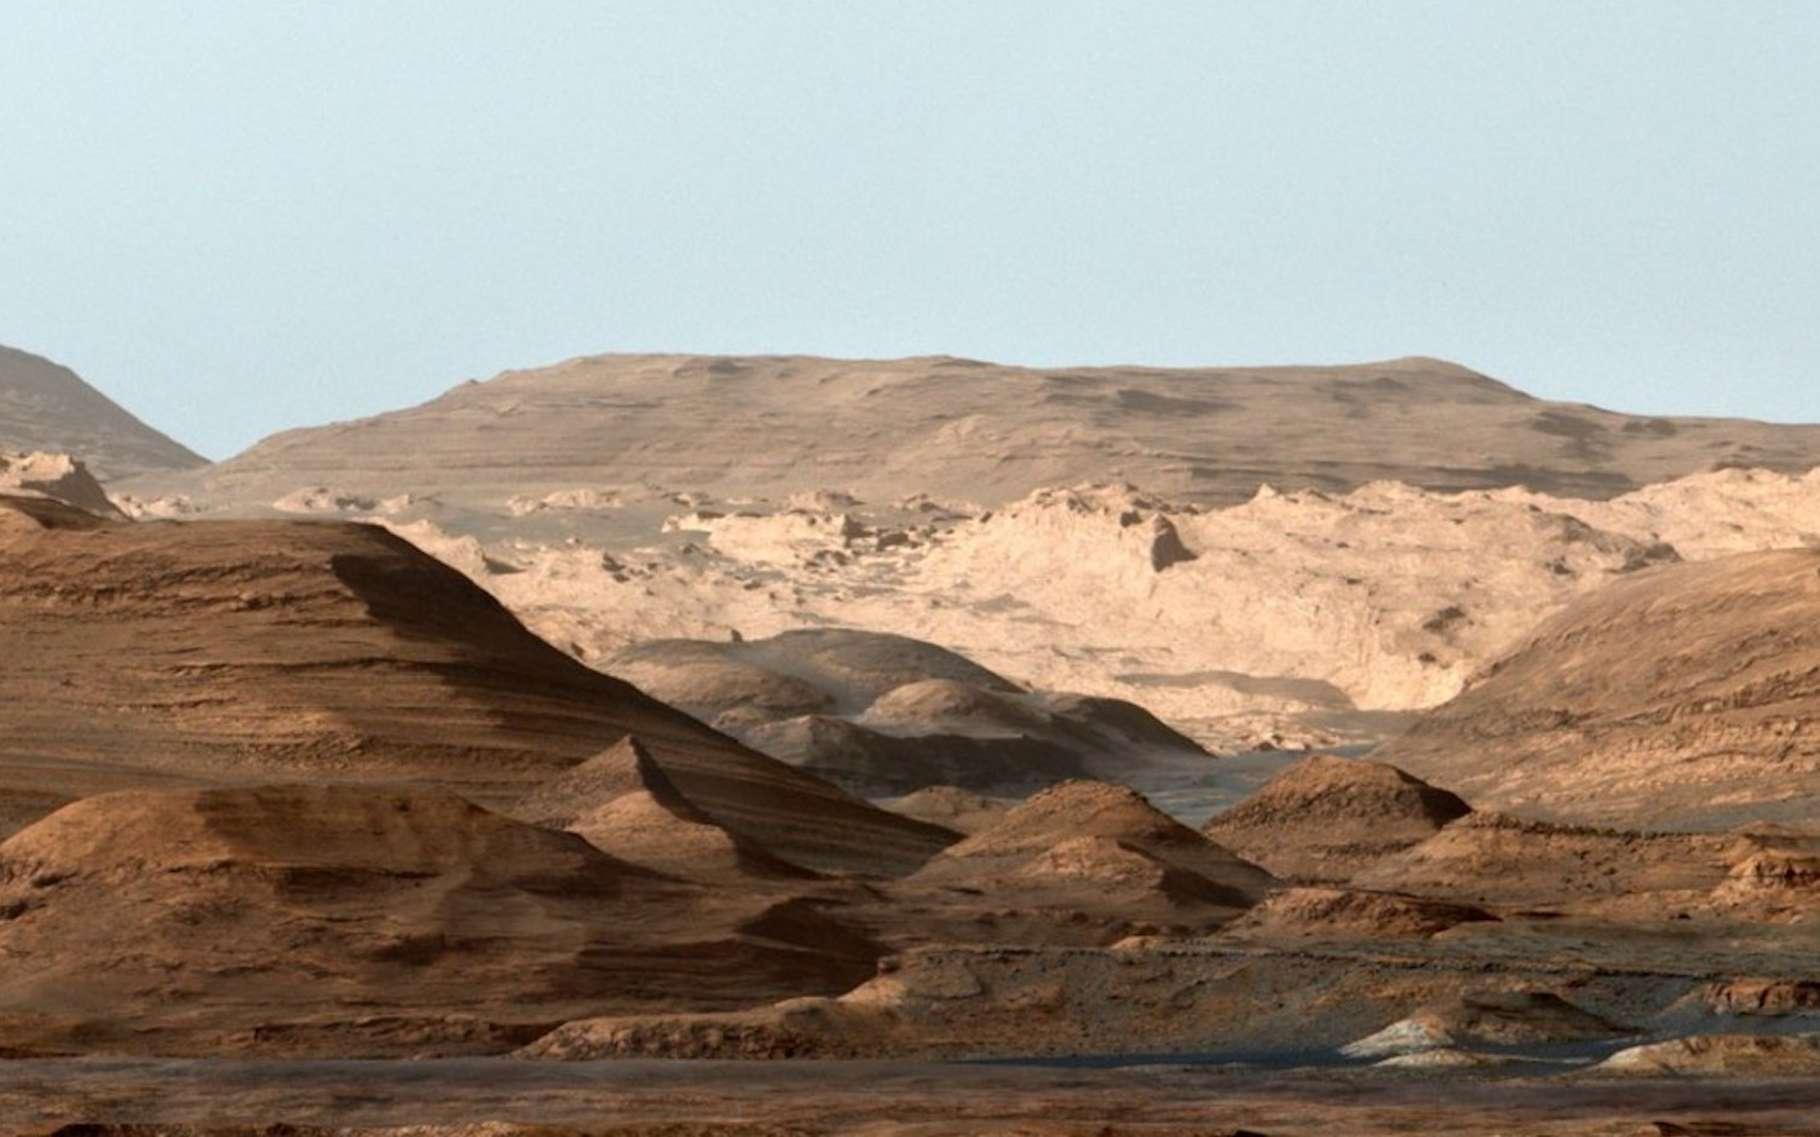 Cette image composite — en fausses couleurs —, le cratère Gale et le mont Sharp tels que Curiosity les a découverts sur Mars. Les données du rover de la Nasa suggèrent que la région a été le théâtre, par le passé, de méga-inondations. © Nasa, JPL